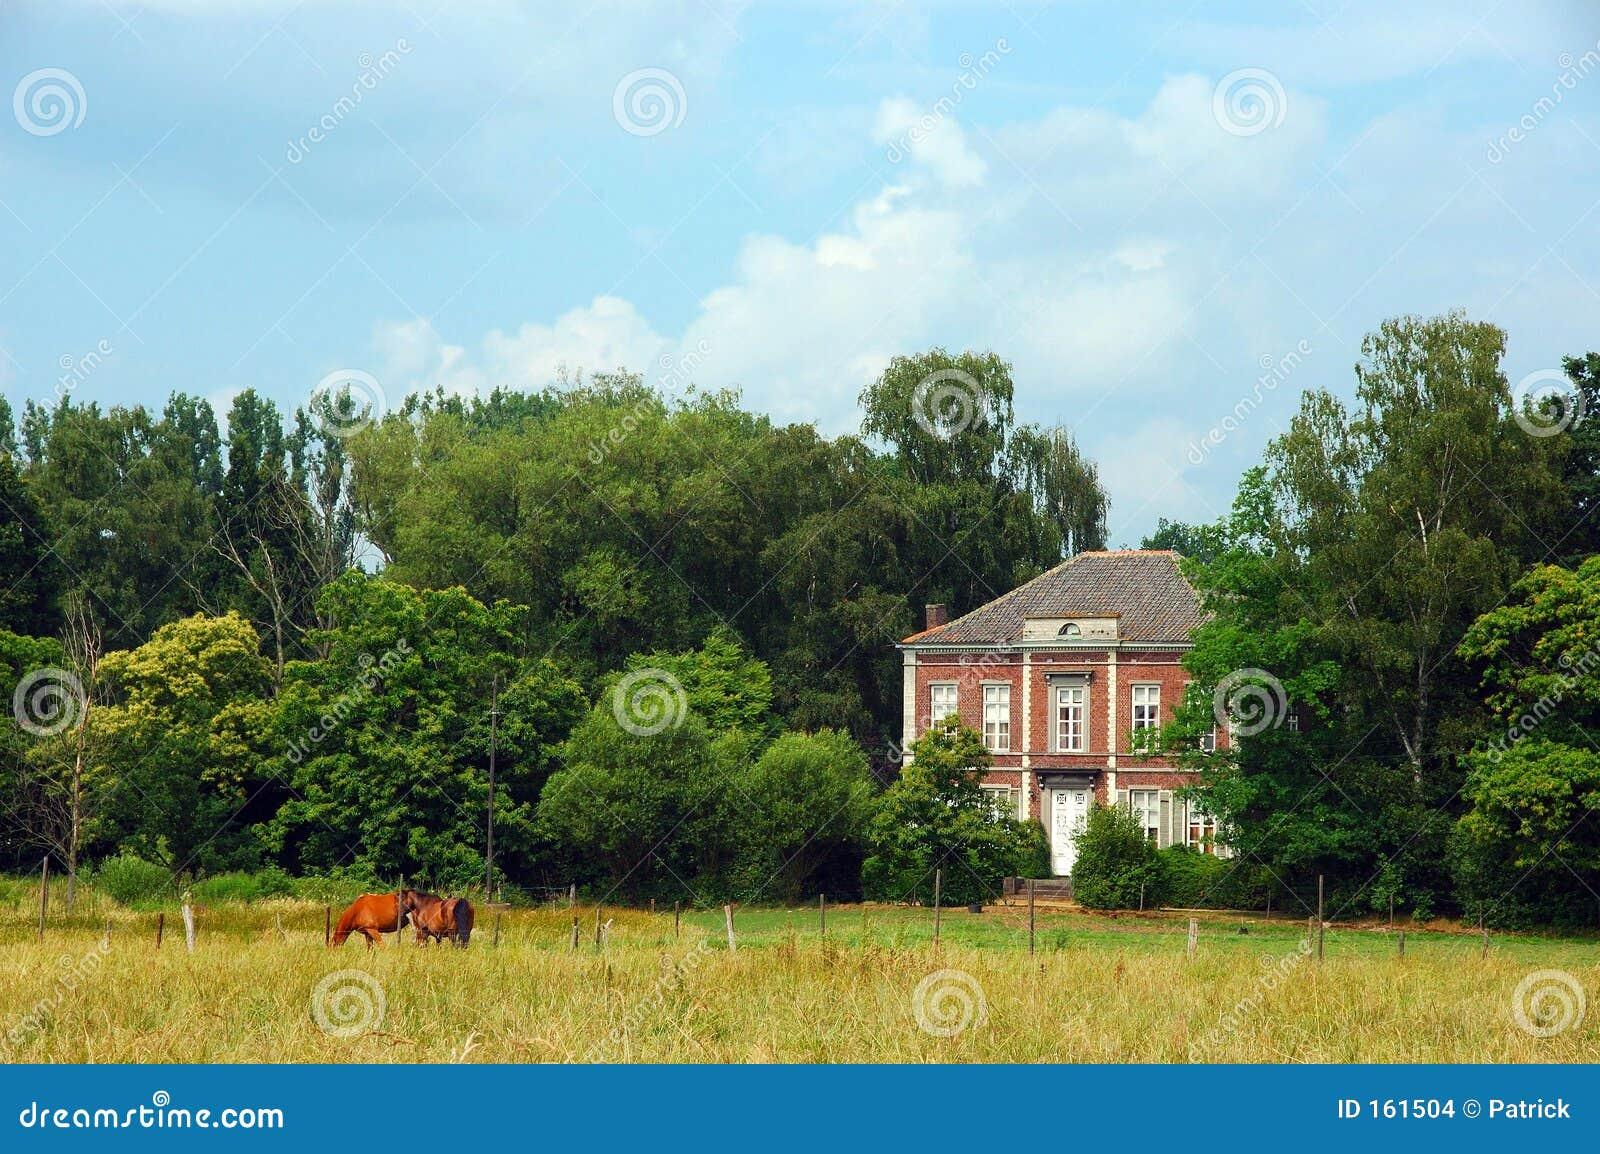 Rural scene.